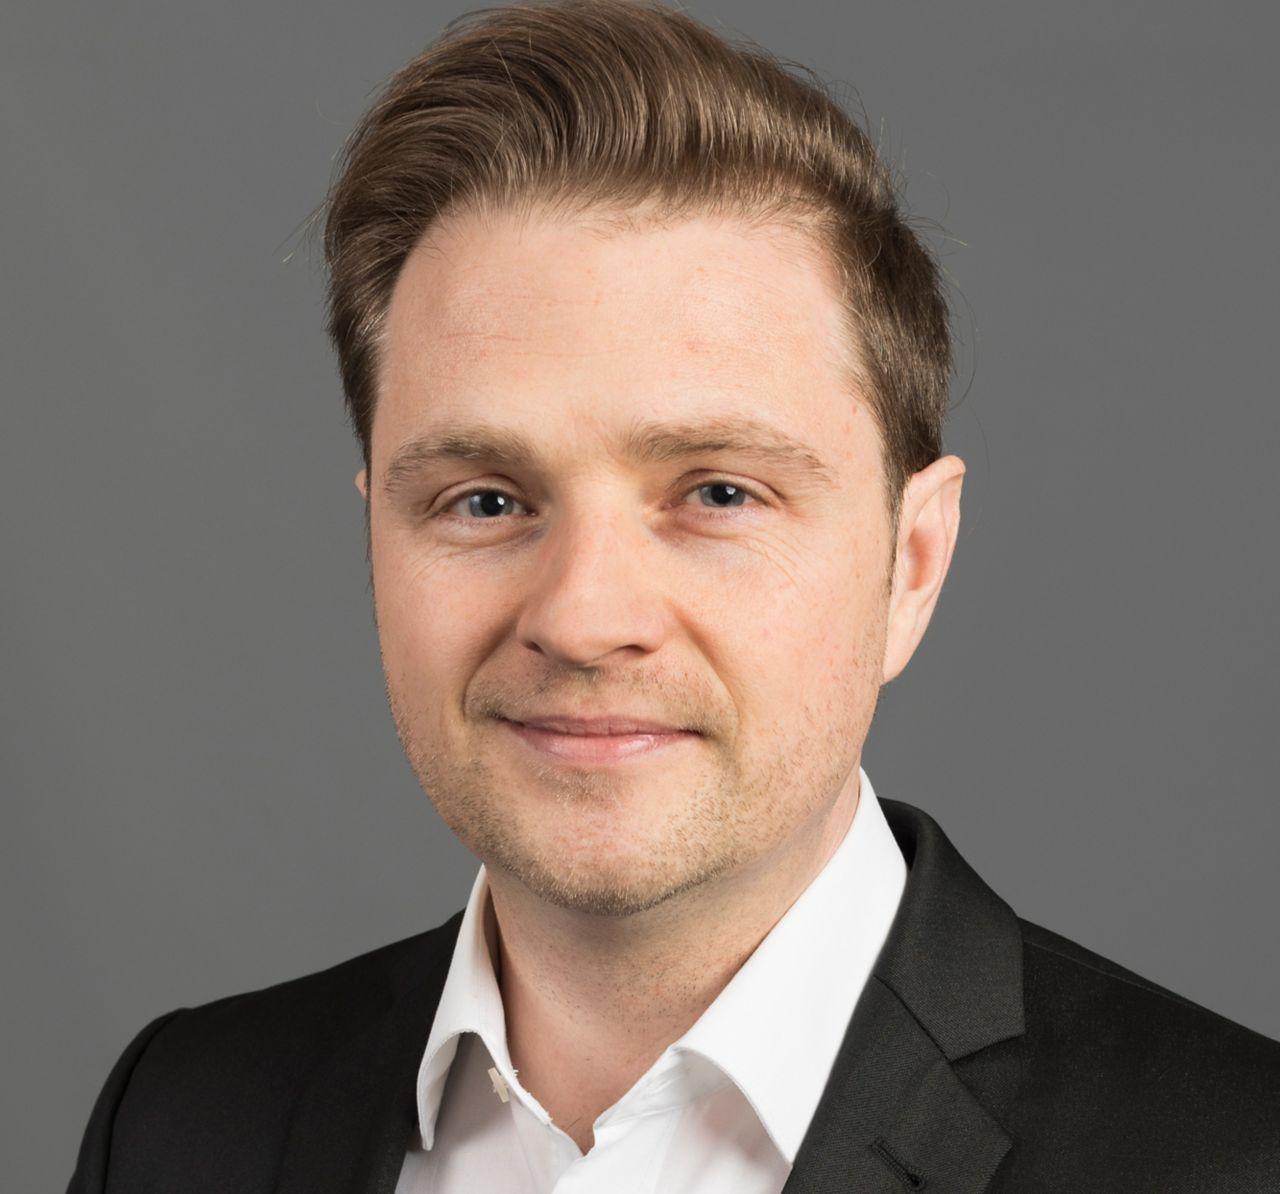 Markus Woehr